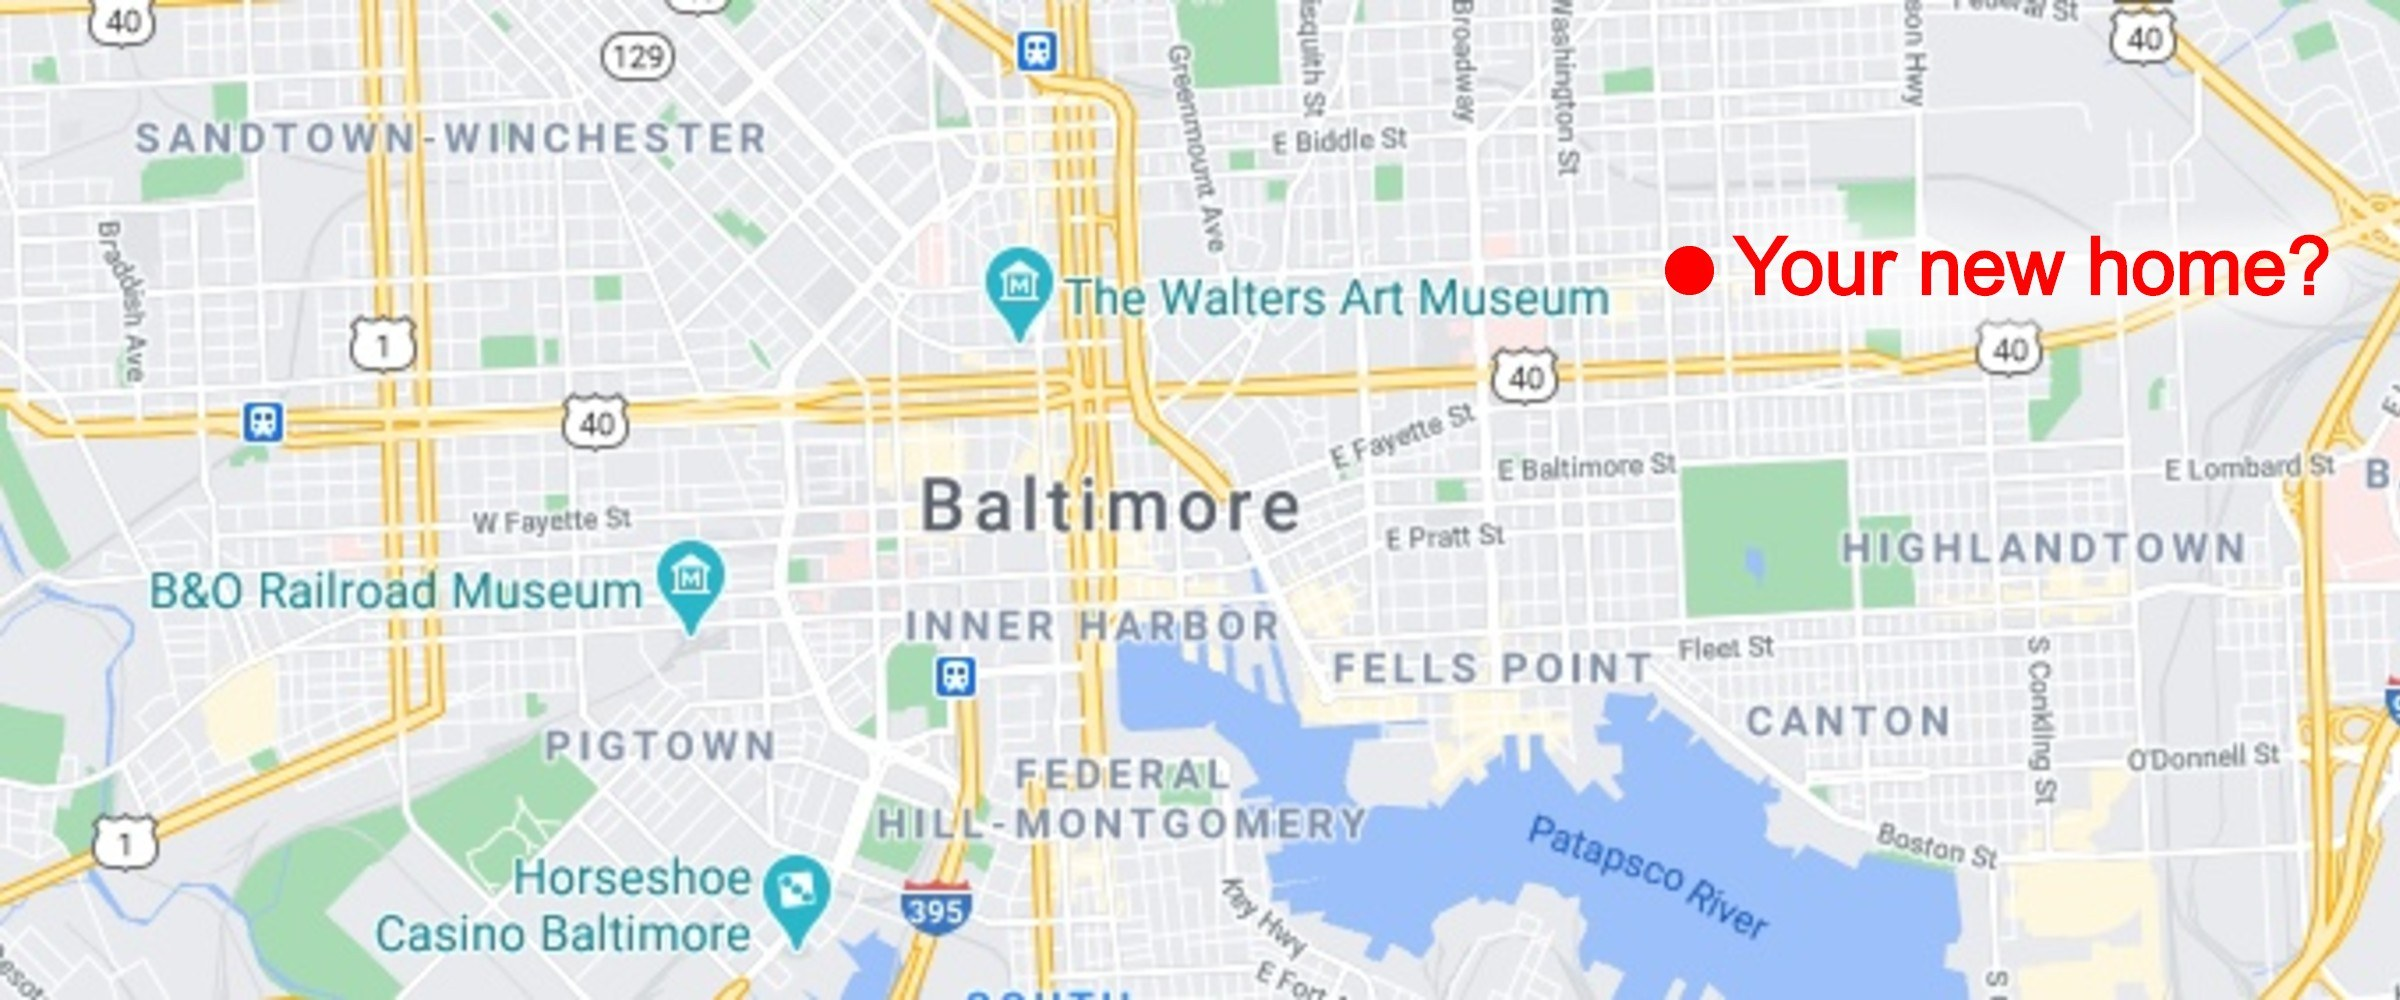 best Baltimore neighborhoods map